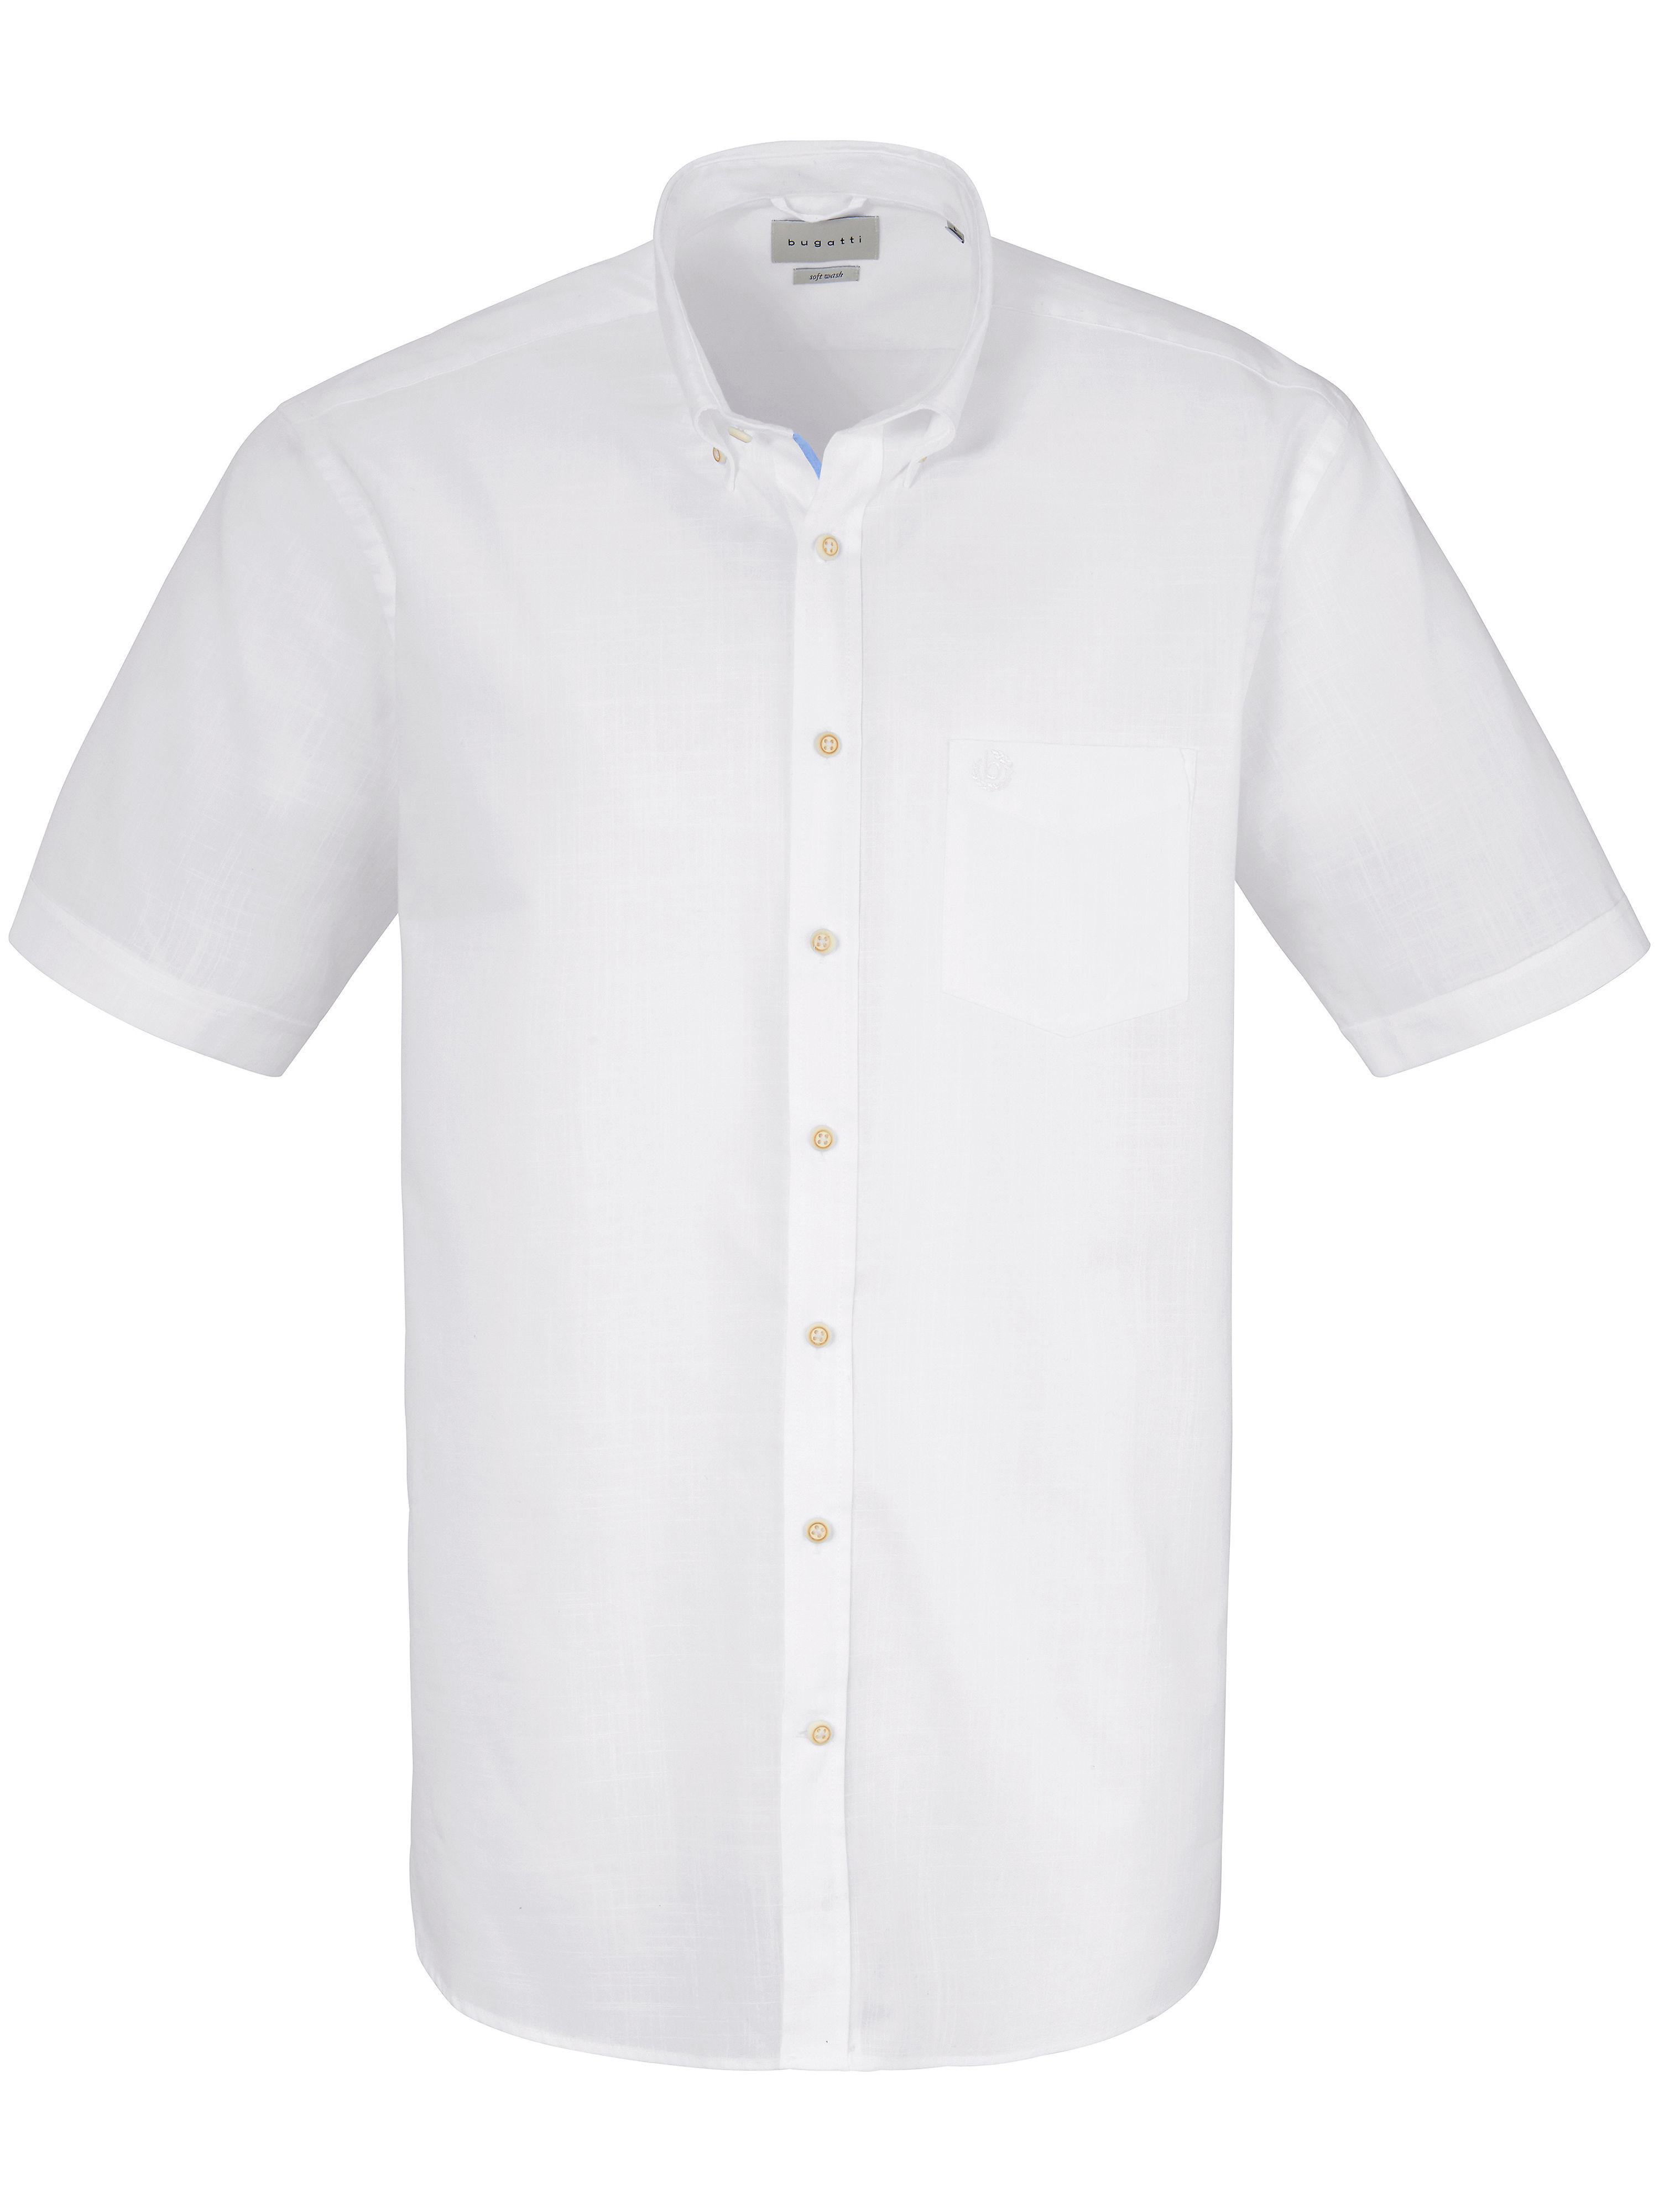 La chemisette 100% coton  Bugatti blanc